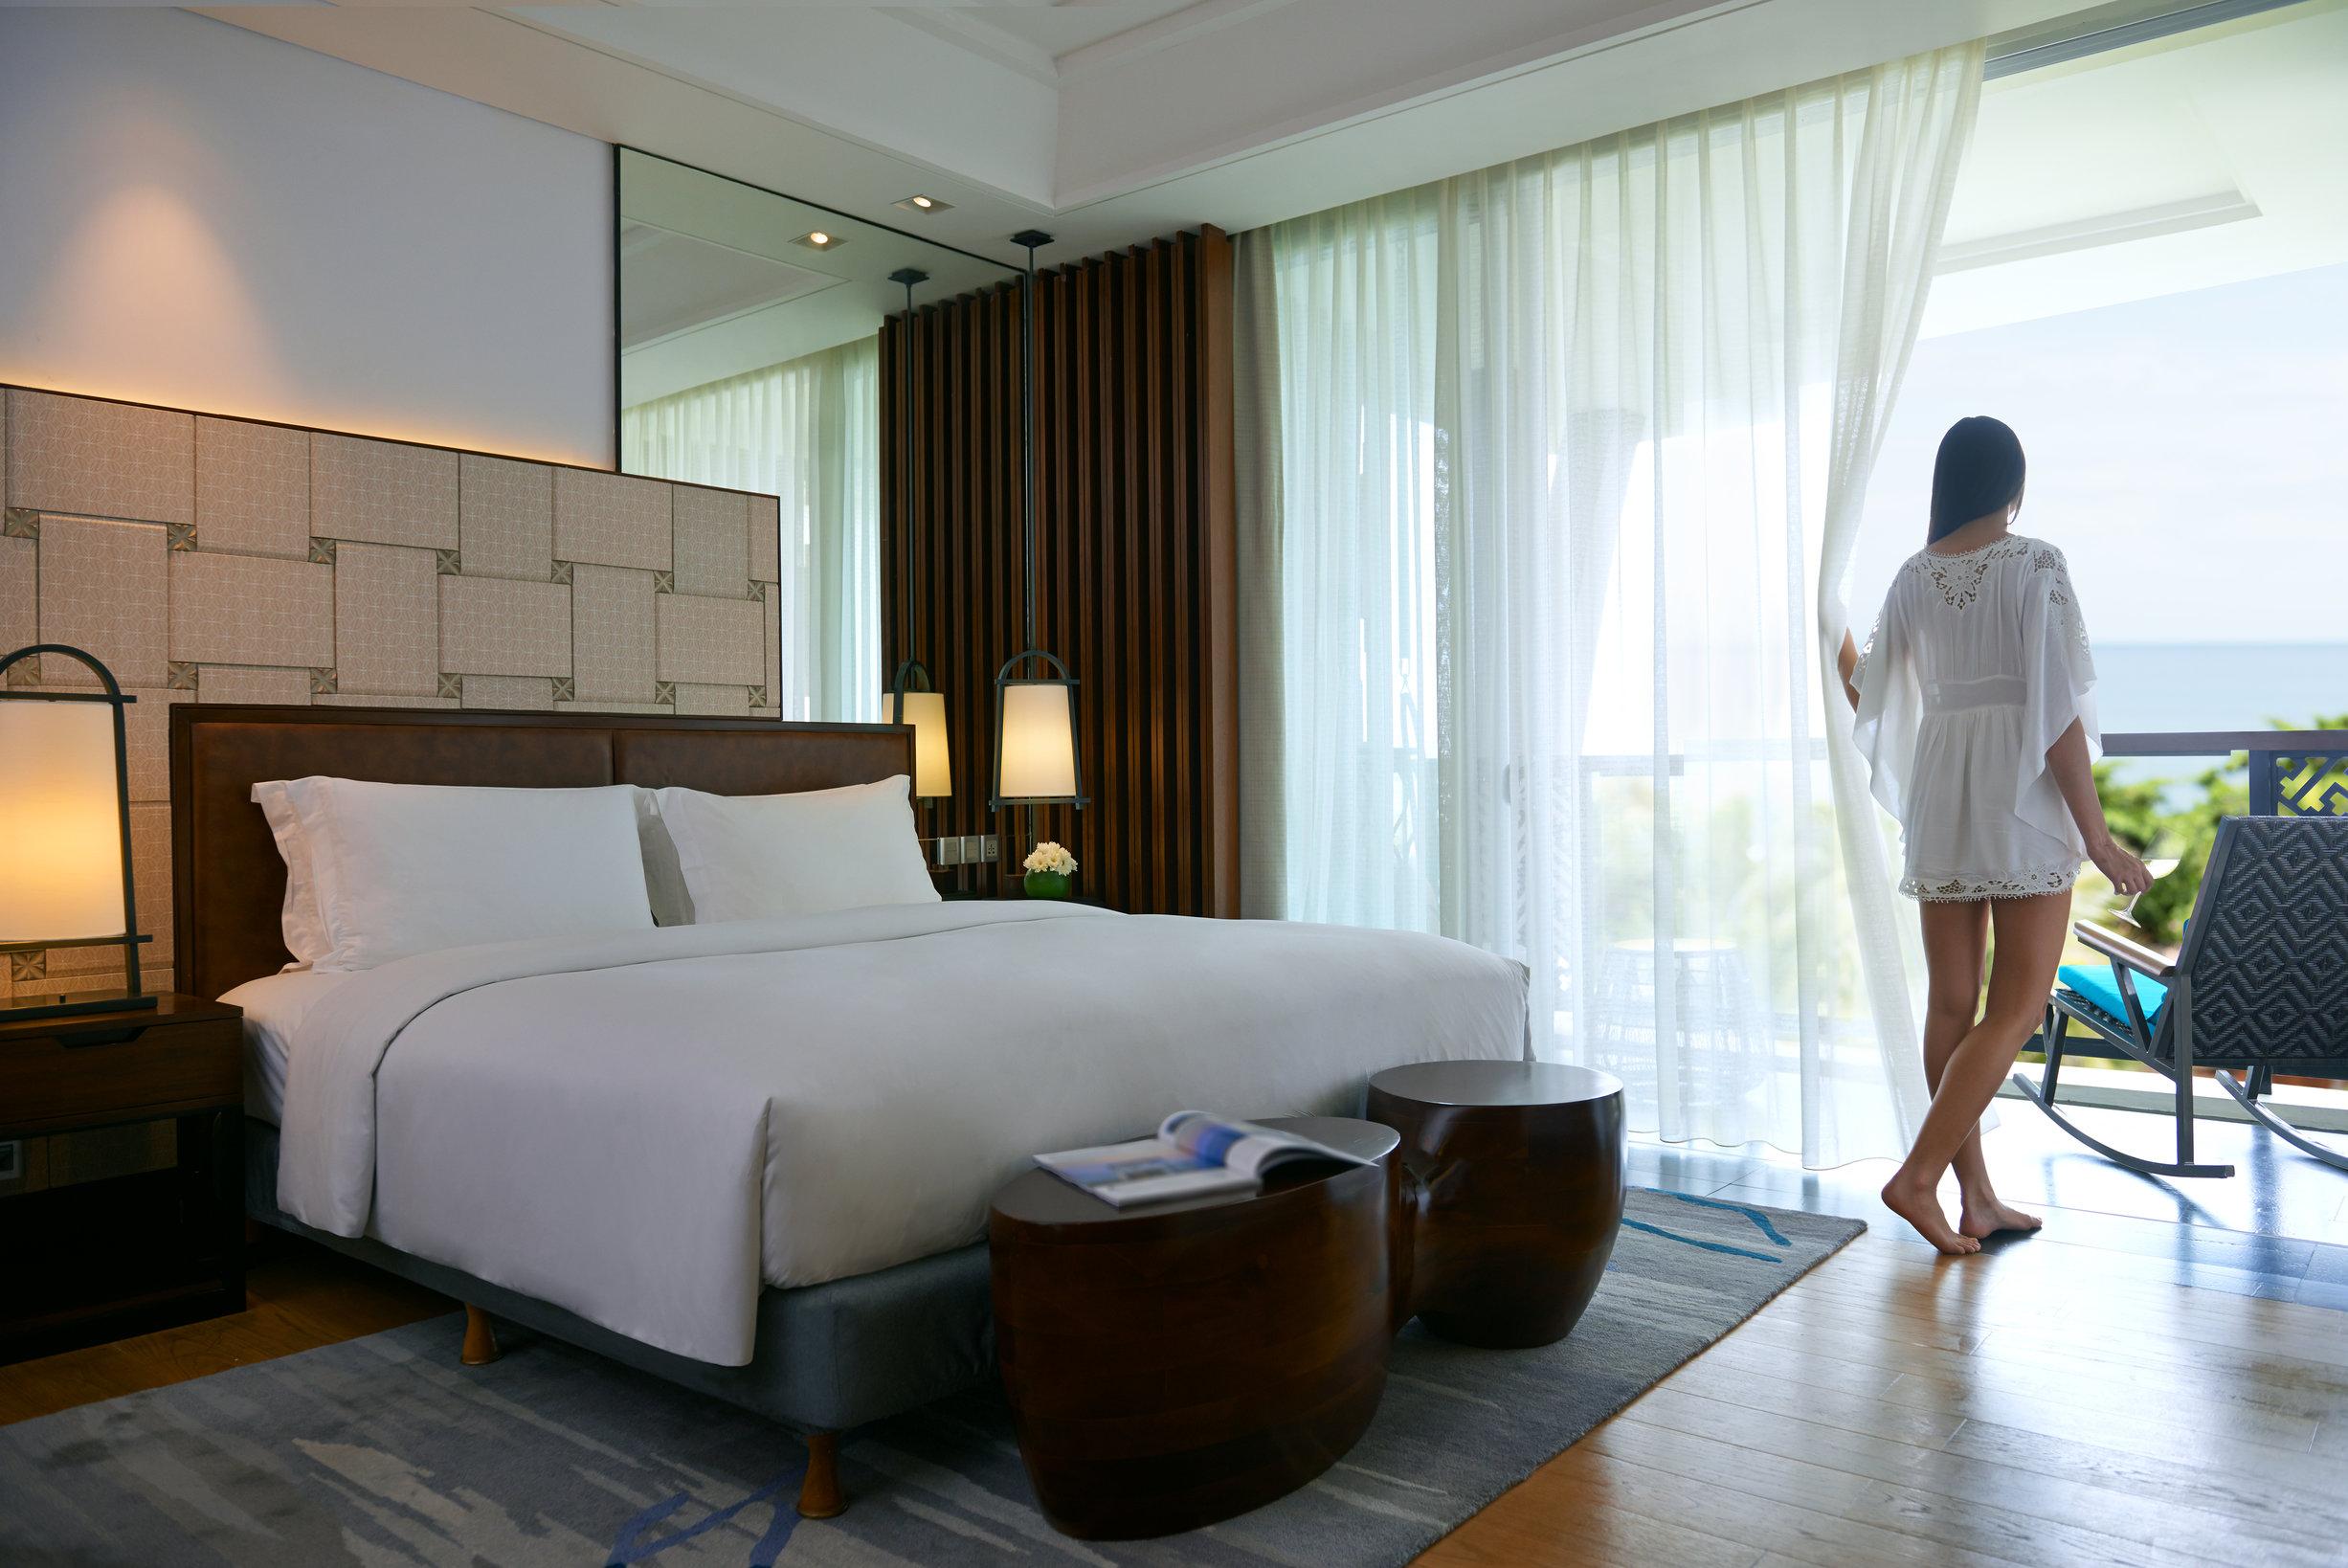 rsz_luxury_room.jpg